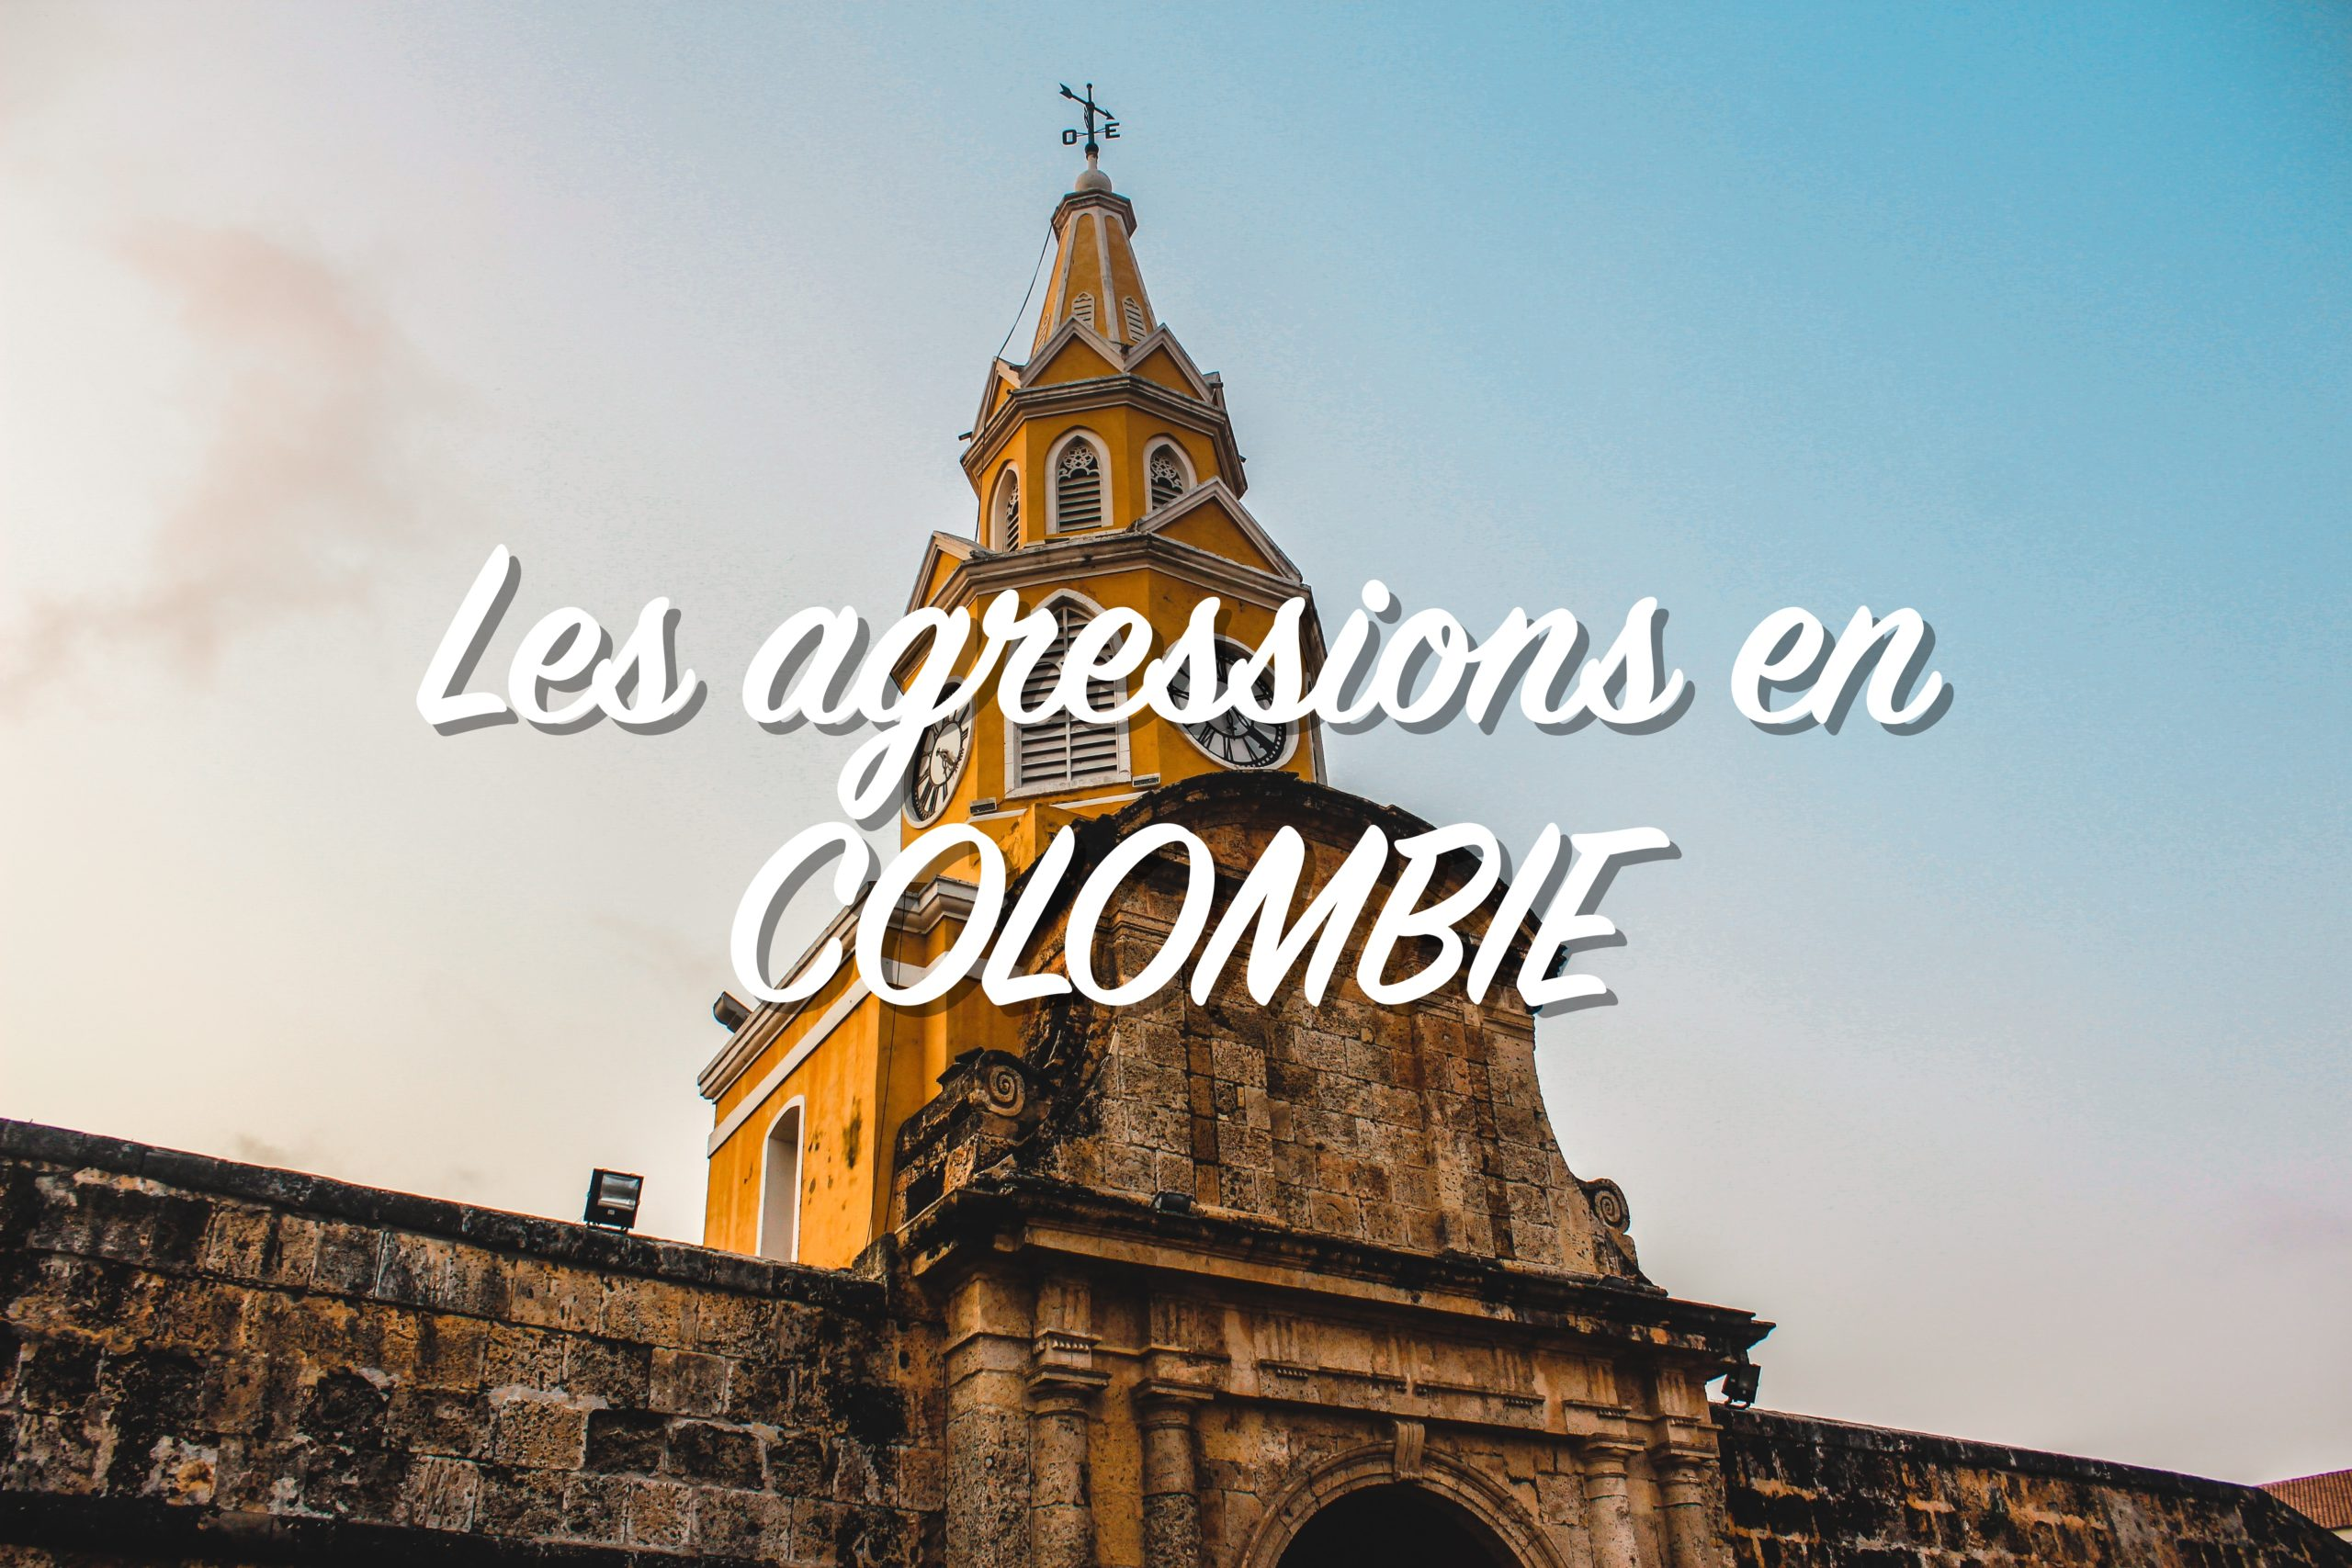 Récit d'une agression en Colombie : les aléas du voyage